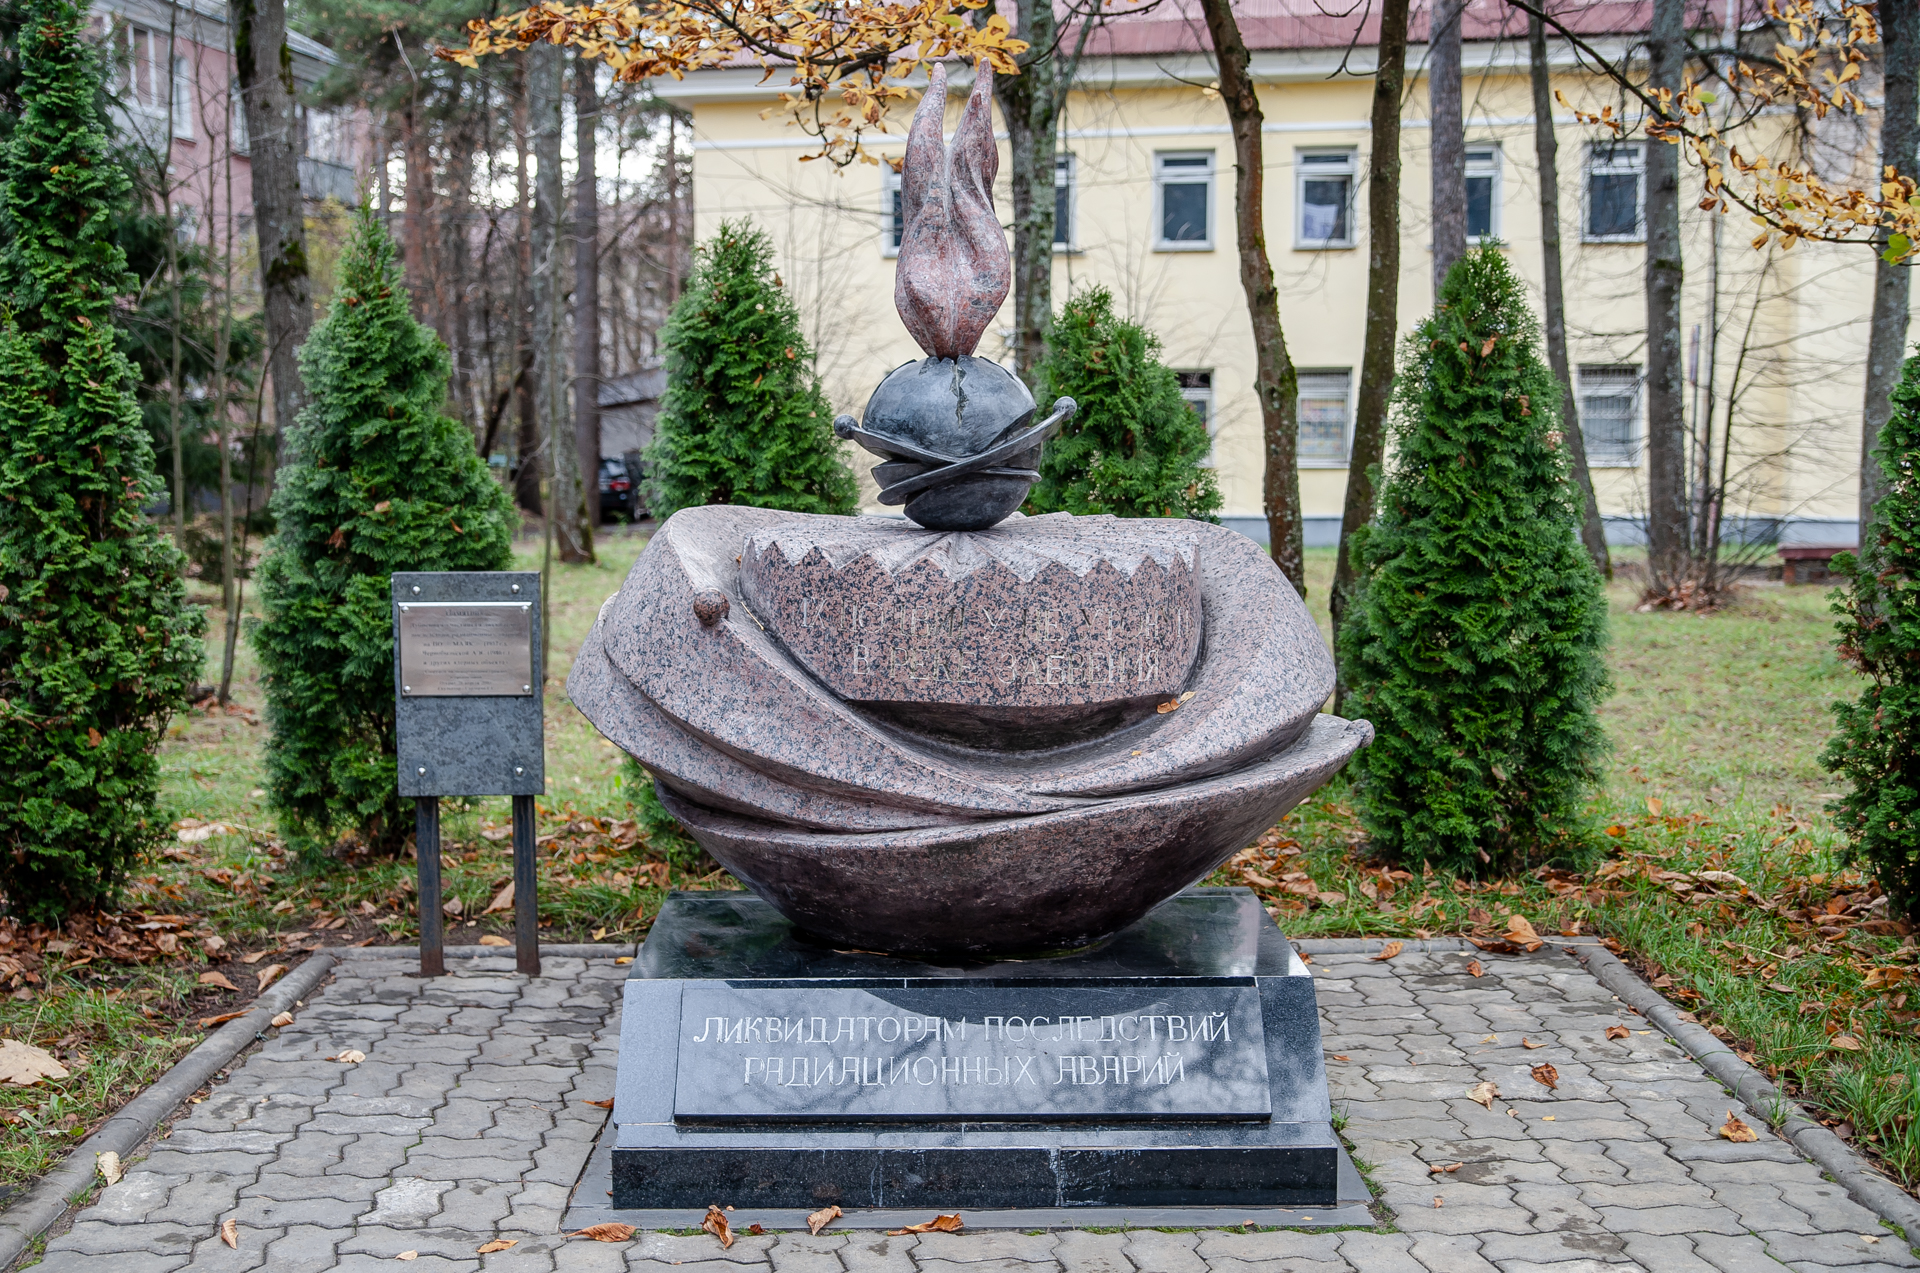 Дубна, площадь Мира, монумент ликвидаторам последствий радиационных аварий